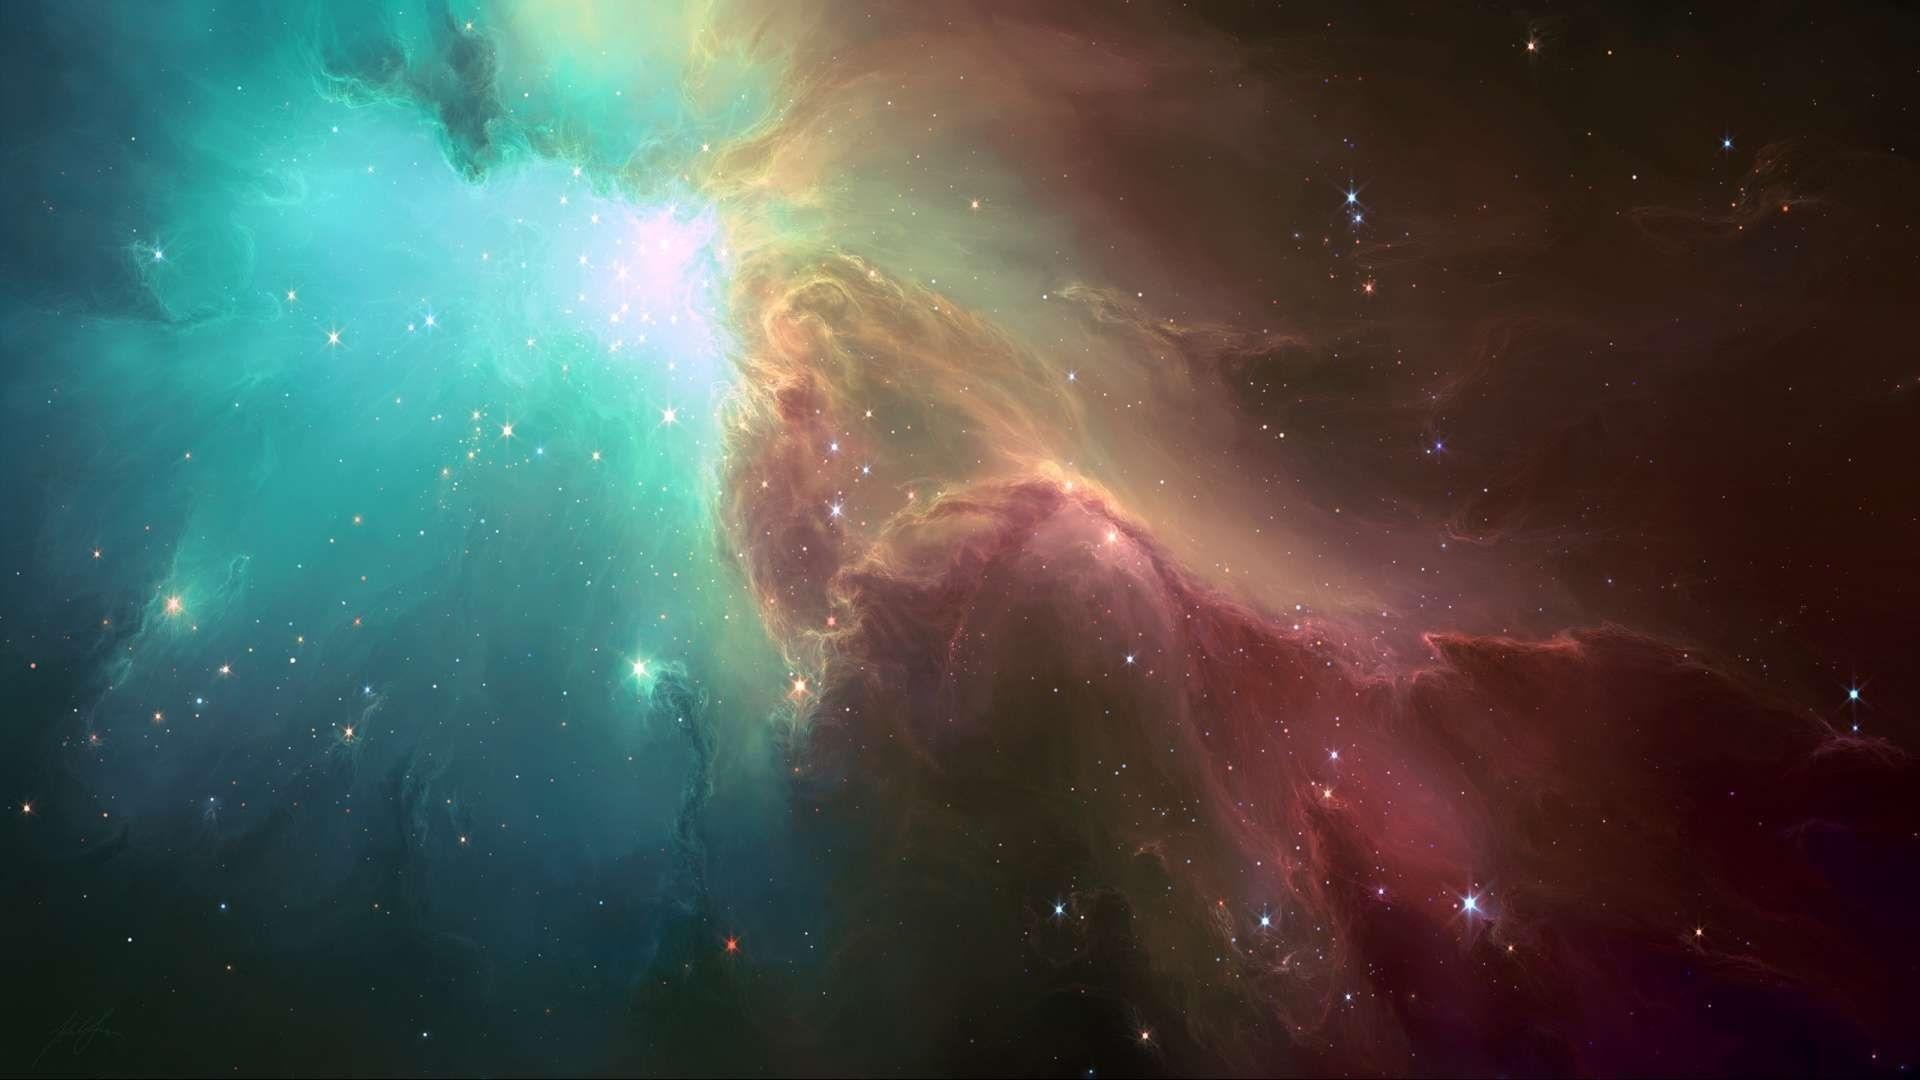 nebulae sky hd wallpaper 1080p | stuff to buy | pinterest | nebula